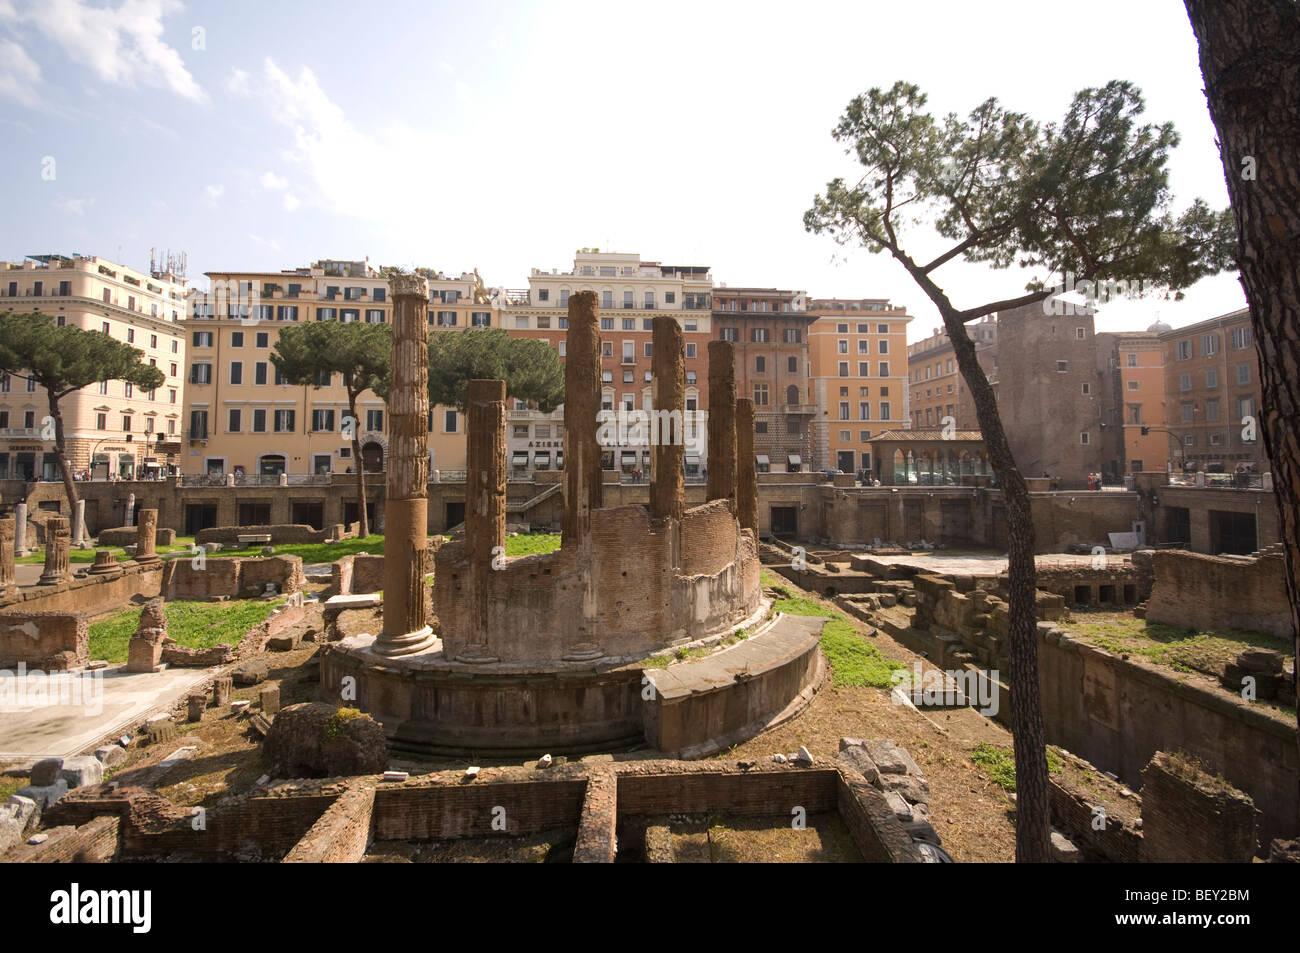 largo di torre argentina, rome, lazio, italy - Stock Image